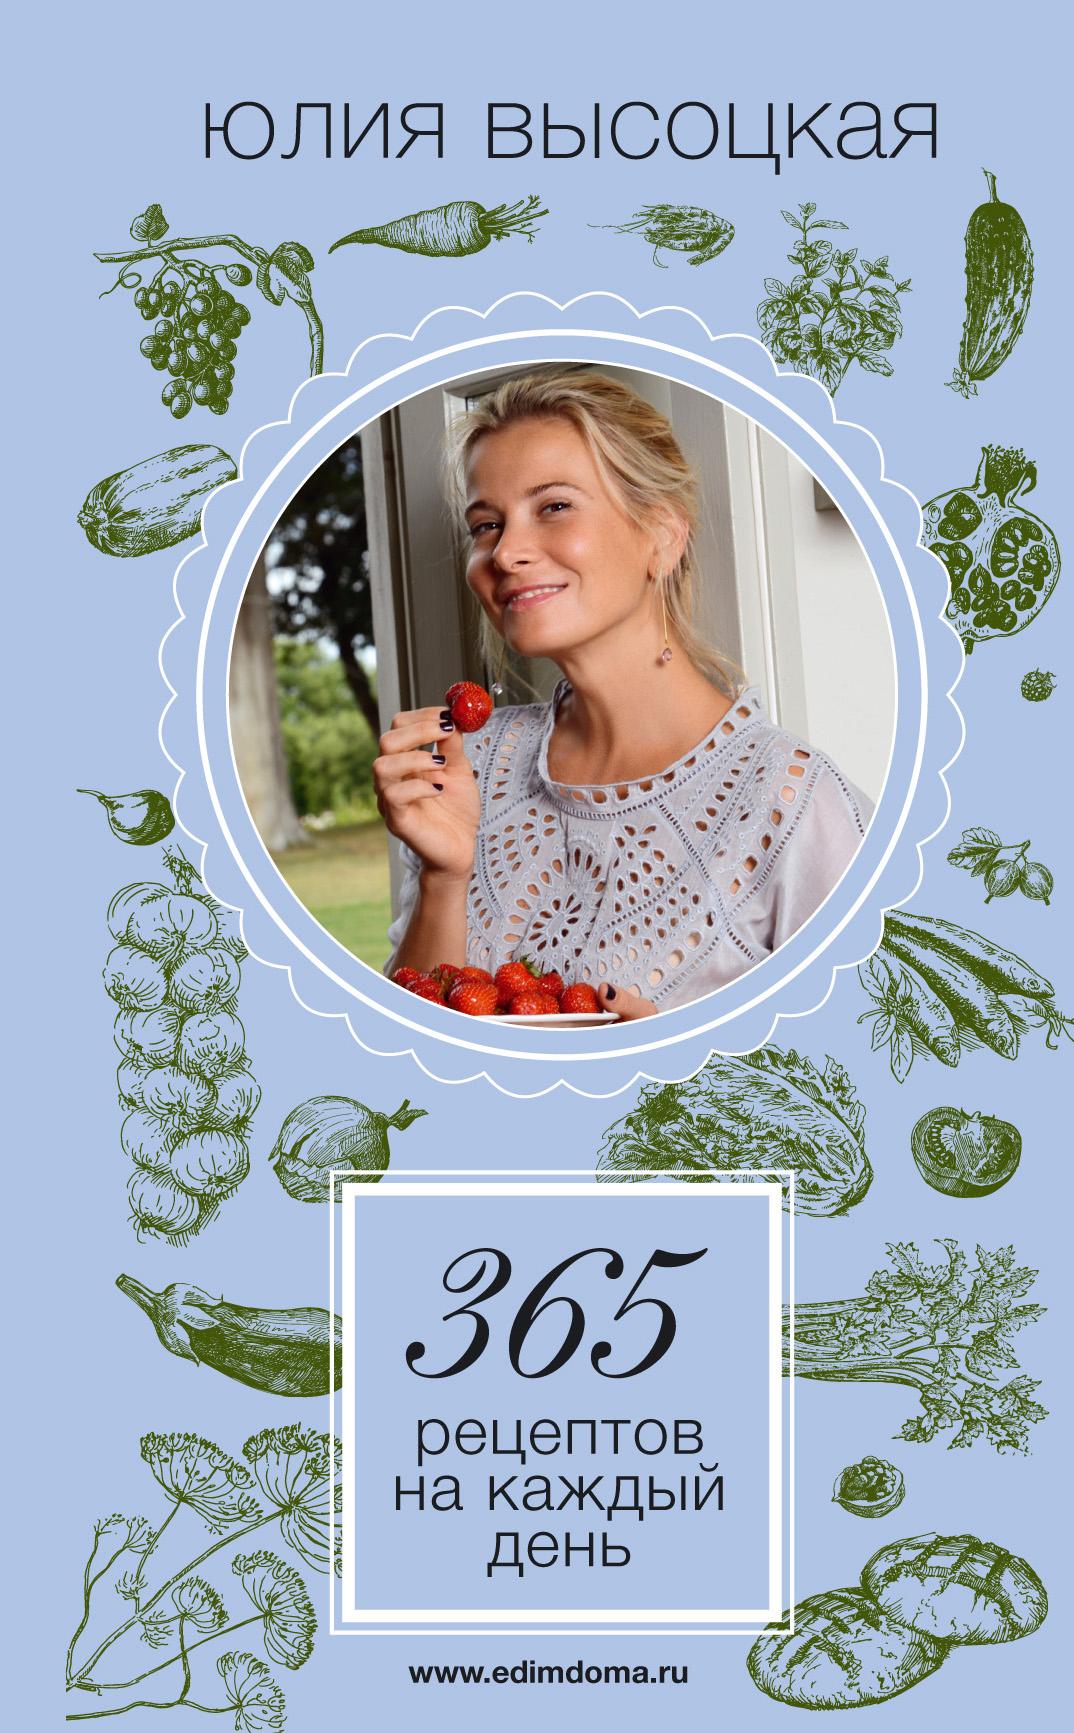 Юлия Высоцкая 365 рецептов на каждый день все для дома